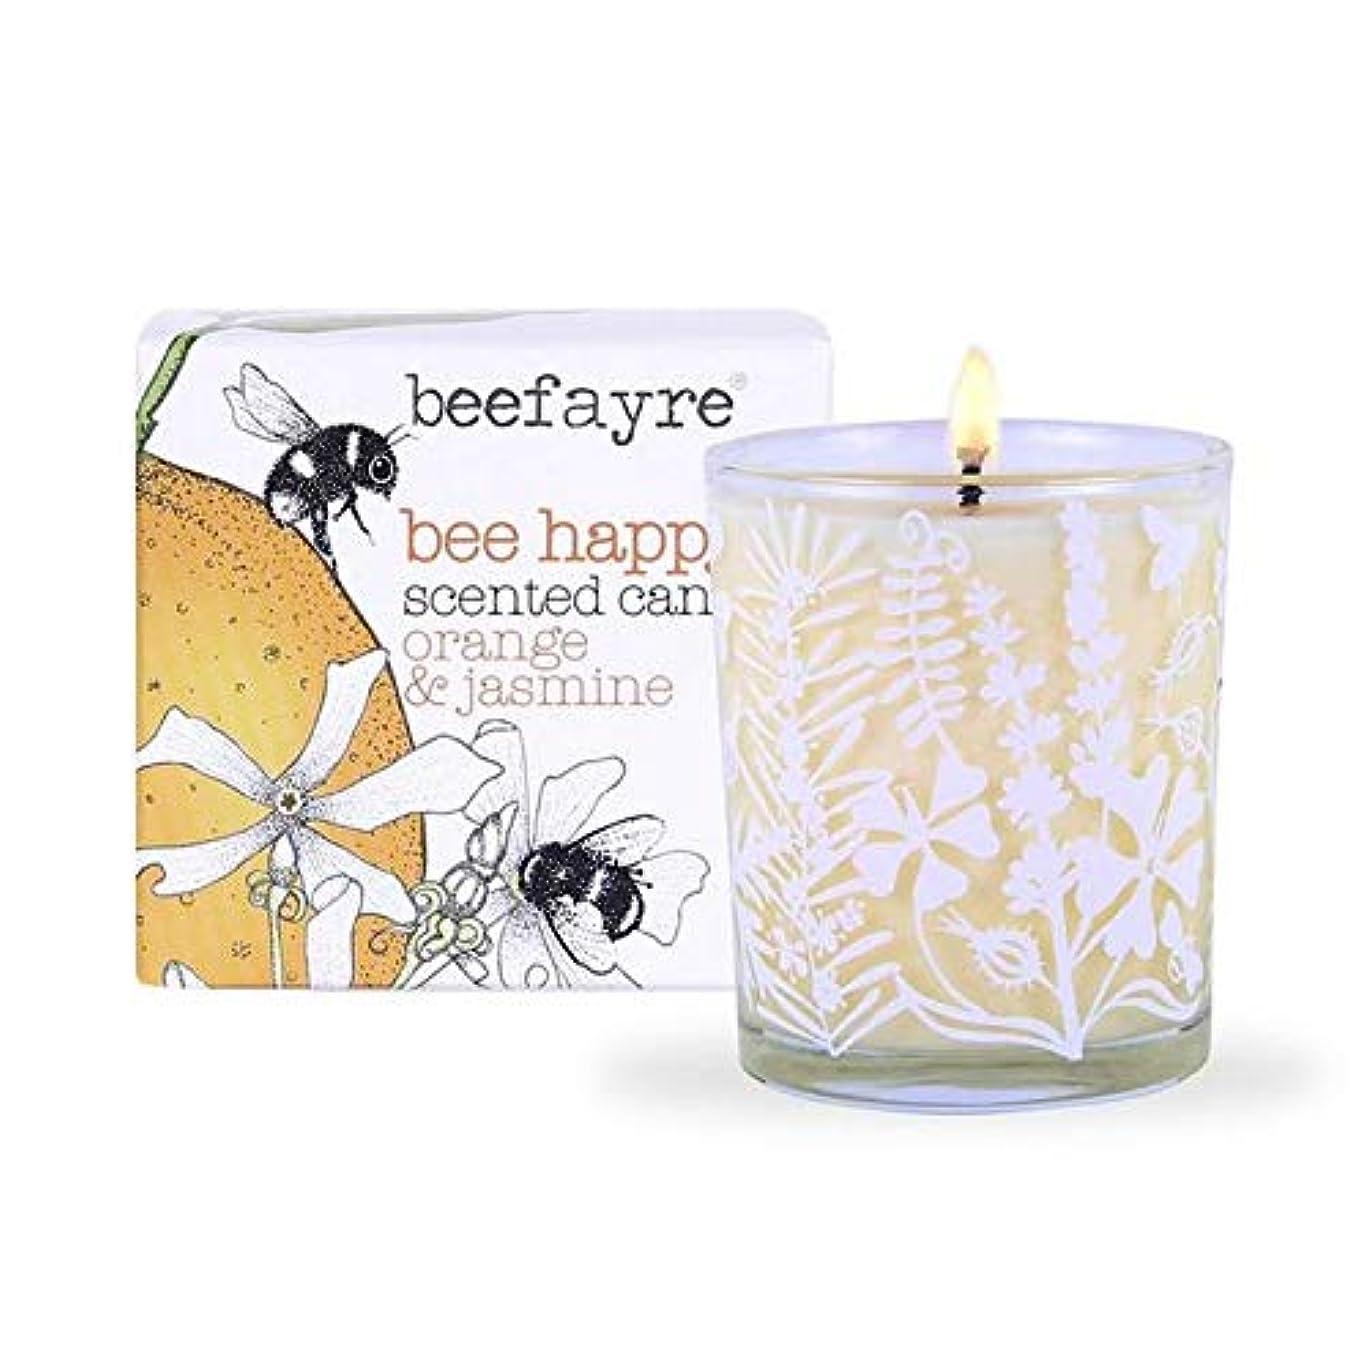 スティック芸術牛肉[Beefayre] オレンジ&ジャスミンの香りのキャンドル9Cl Beefayre - Beefayre Orange & Jasmine Scented Candle 9cl [並行輸入品]